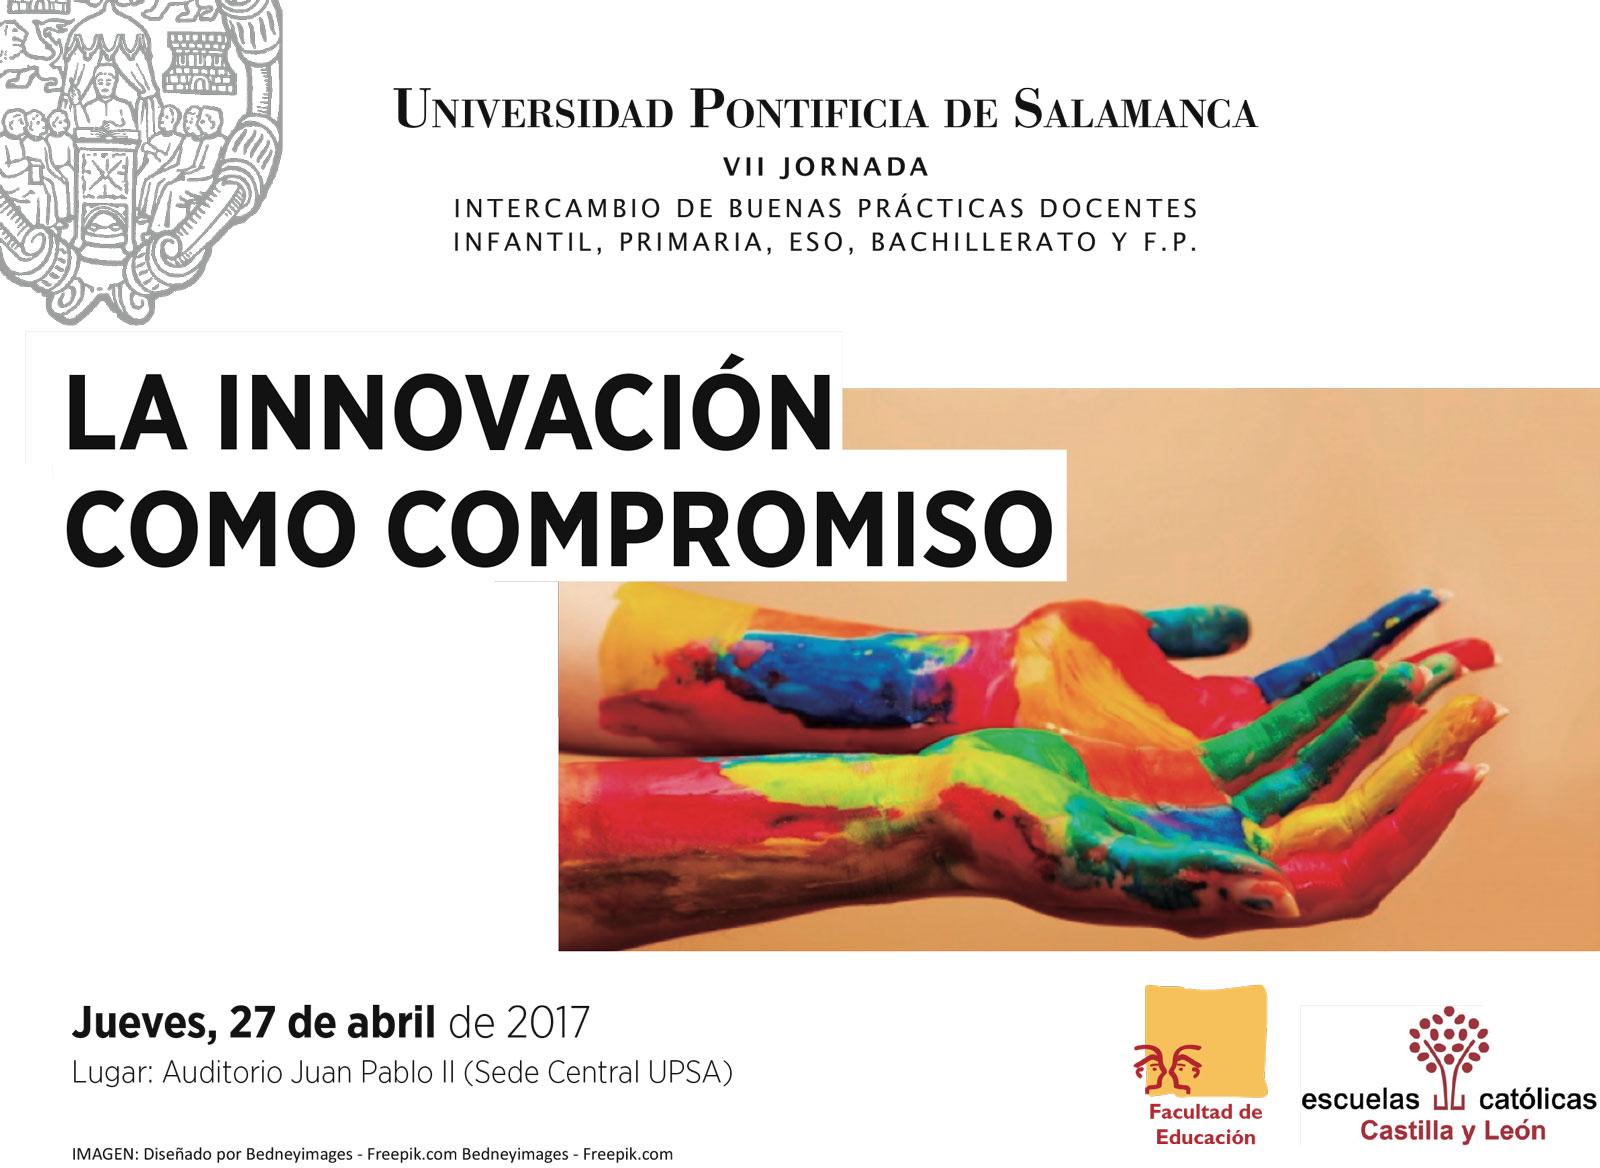 VII Jornada de Intercambio de Buenas Practicas Docentes La Innovacion como compromiso